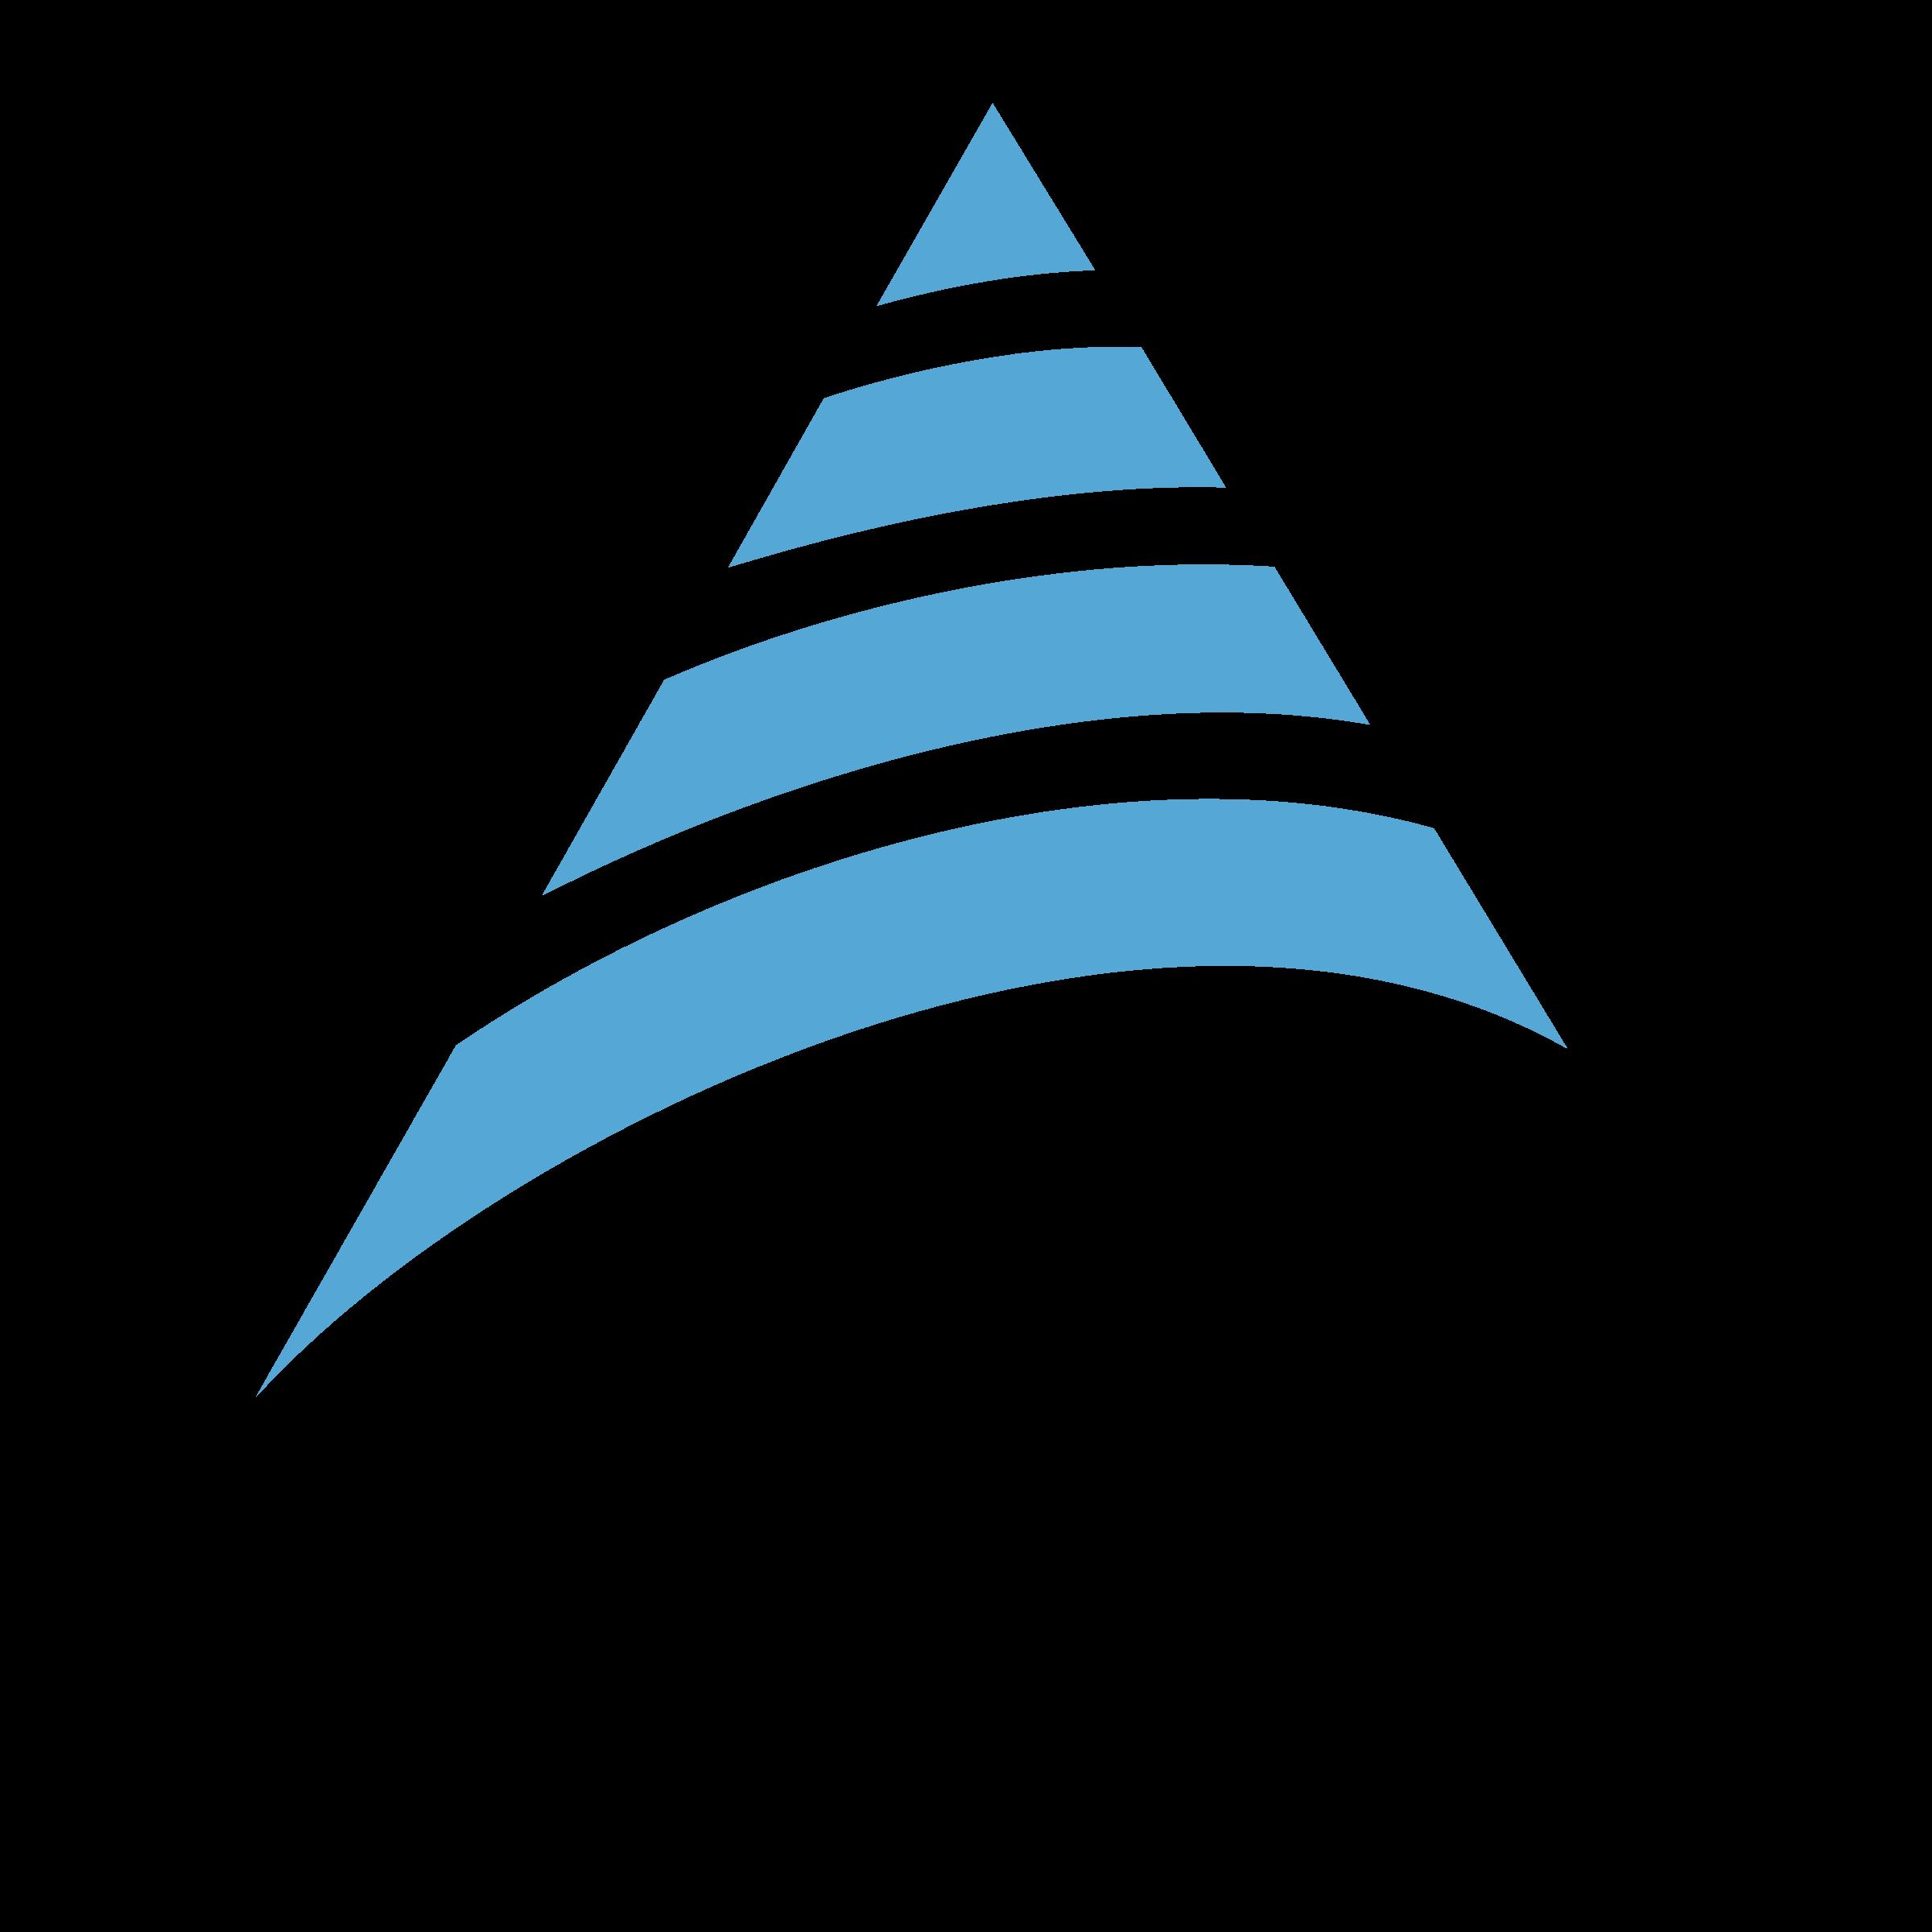 epcos-logo-png-transparent